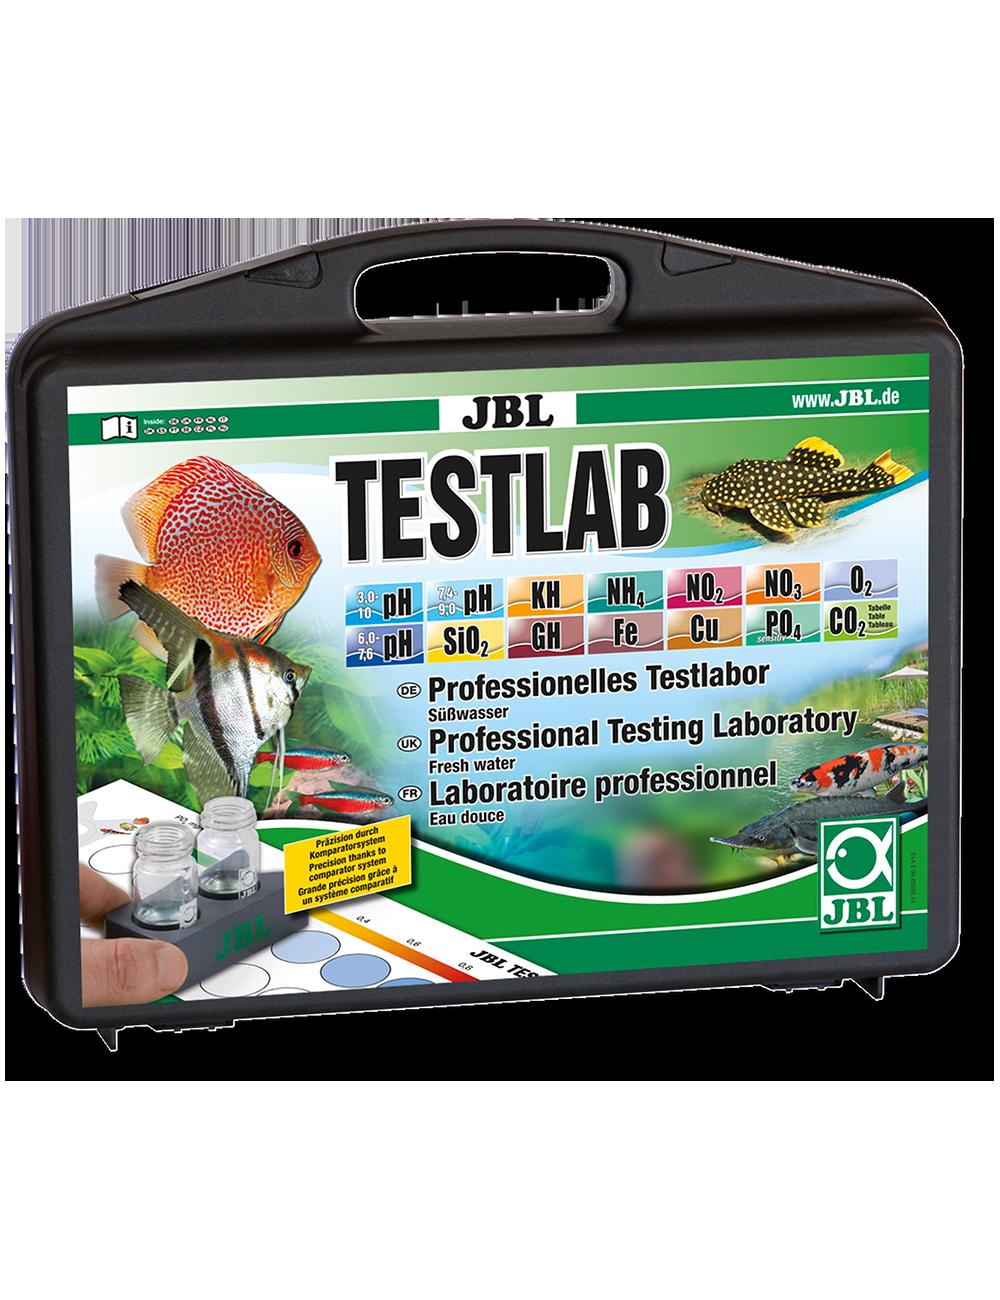 JBL - Malette TestLab Test